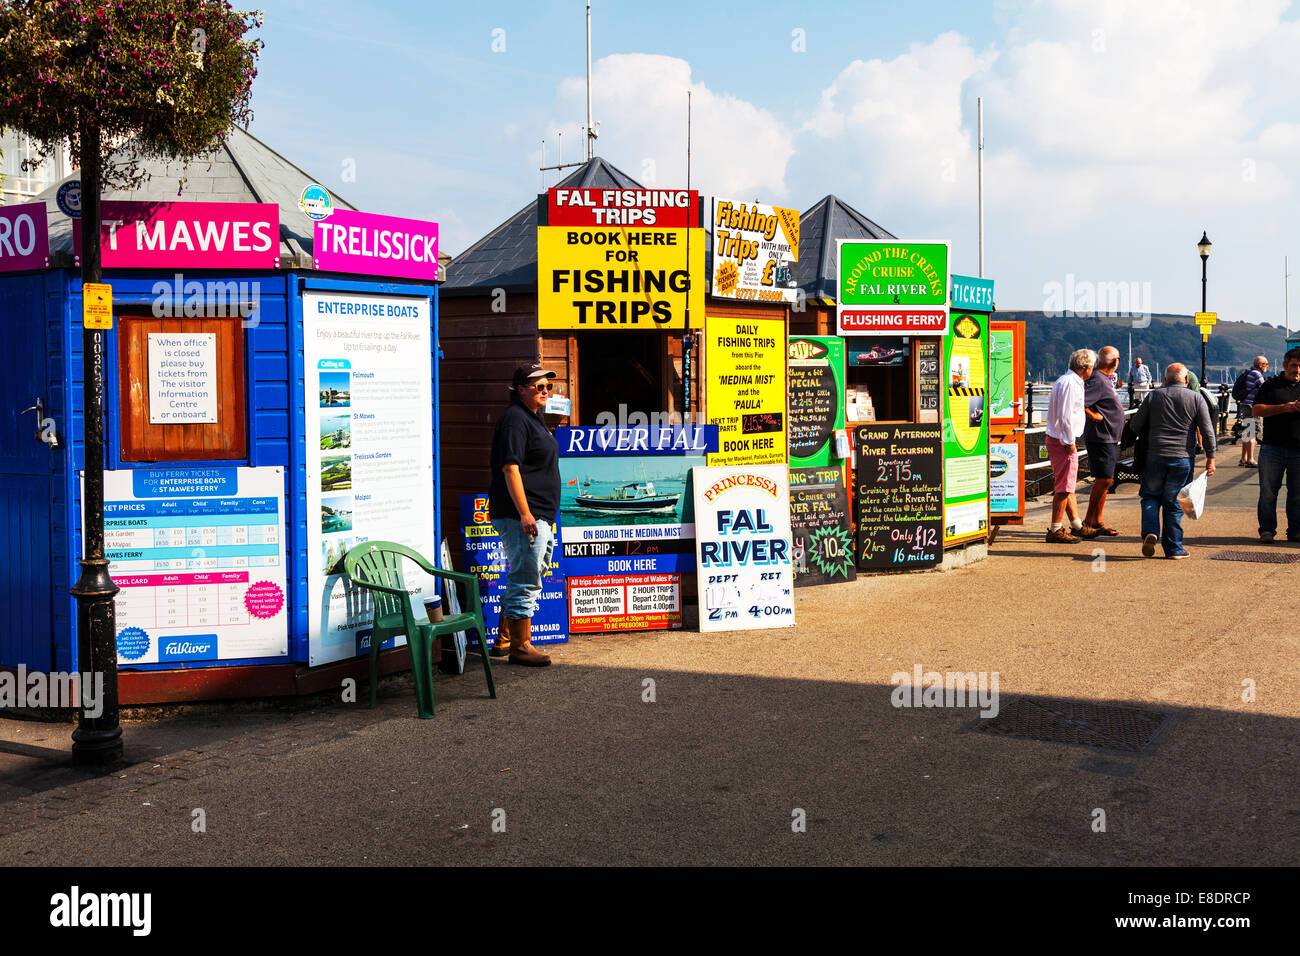 Falmouth Reserva viajes viaje de pesca Cabañas Cabañas Río fal paseos en barco cruceros viaje en Imagen De Stock